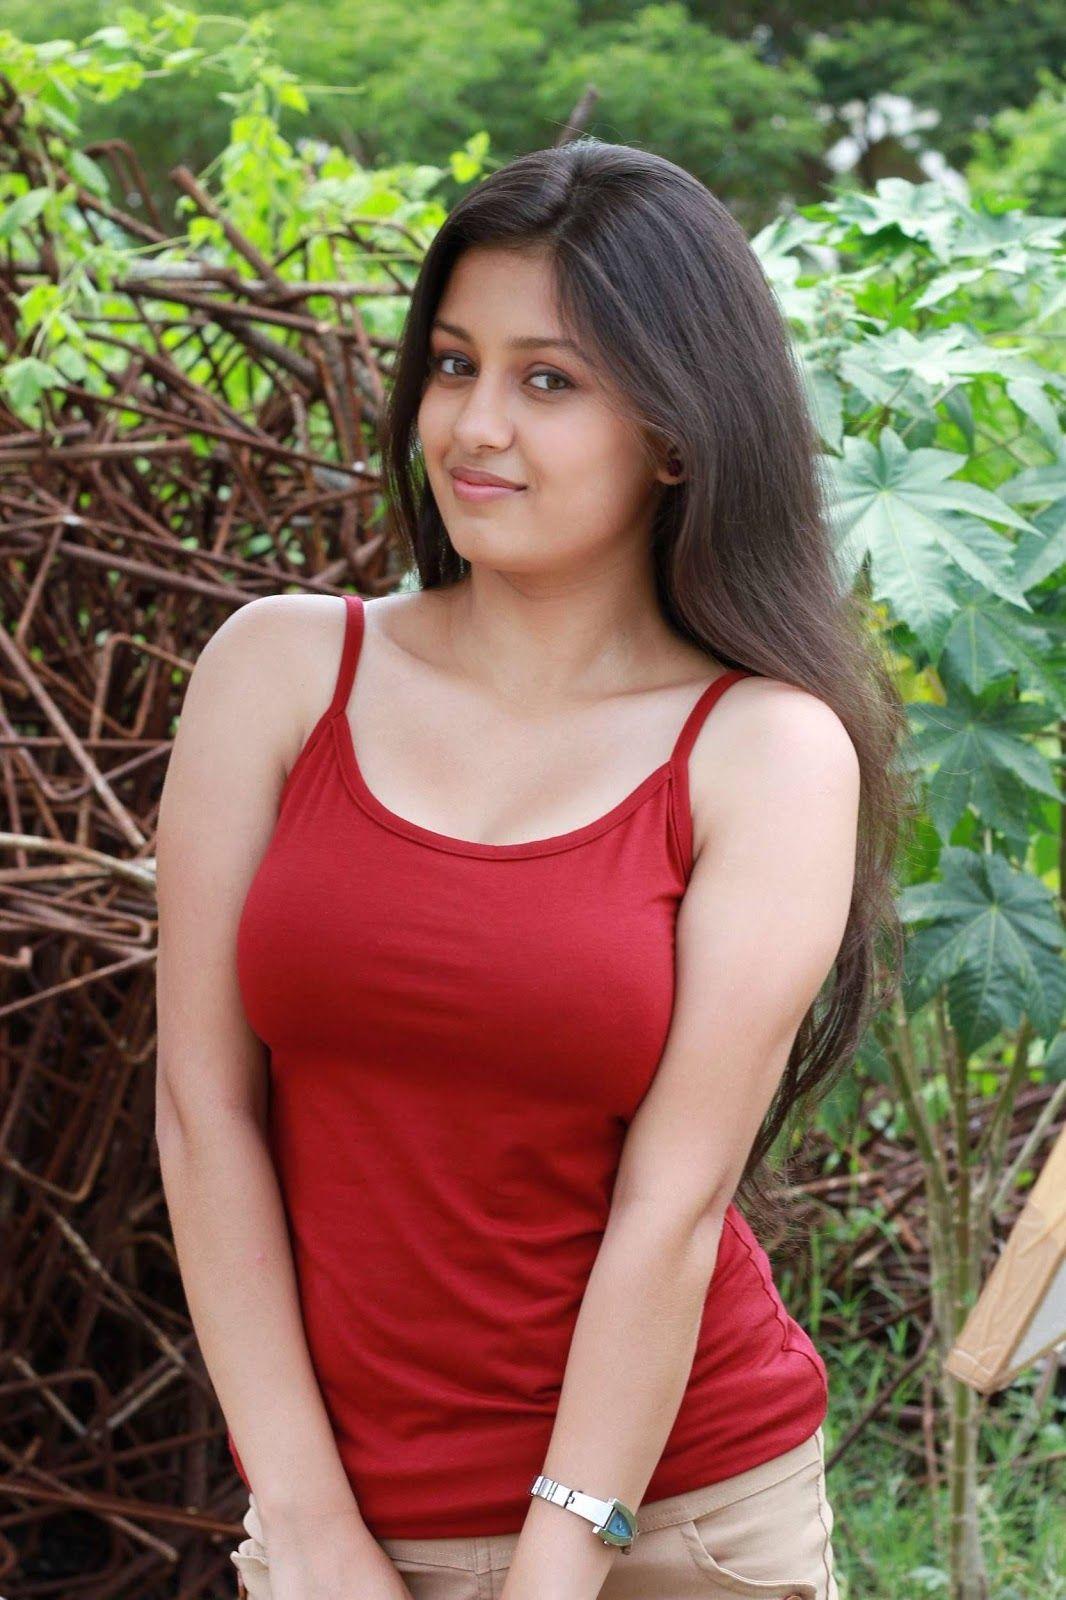 Top South Indian Girls Girls Southindian Women